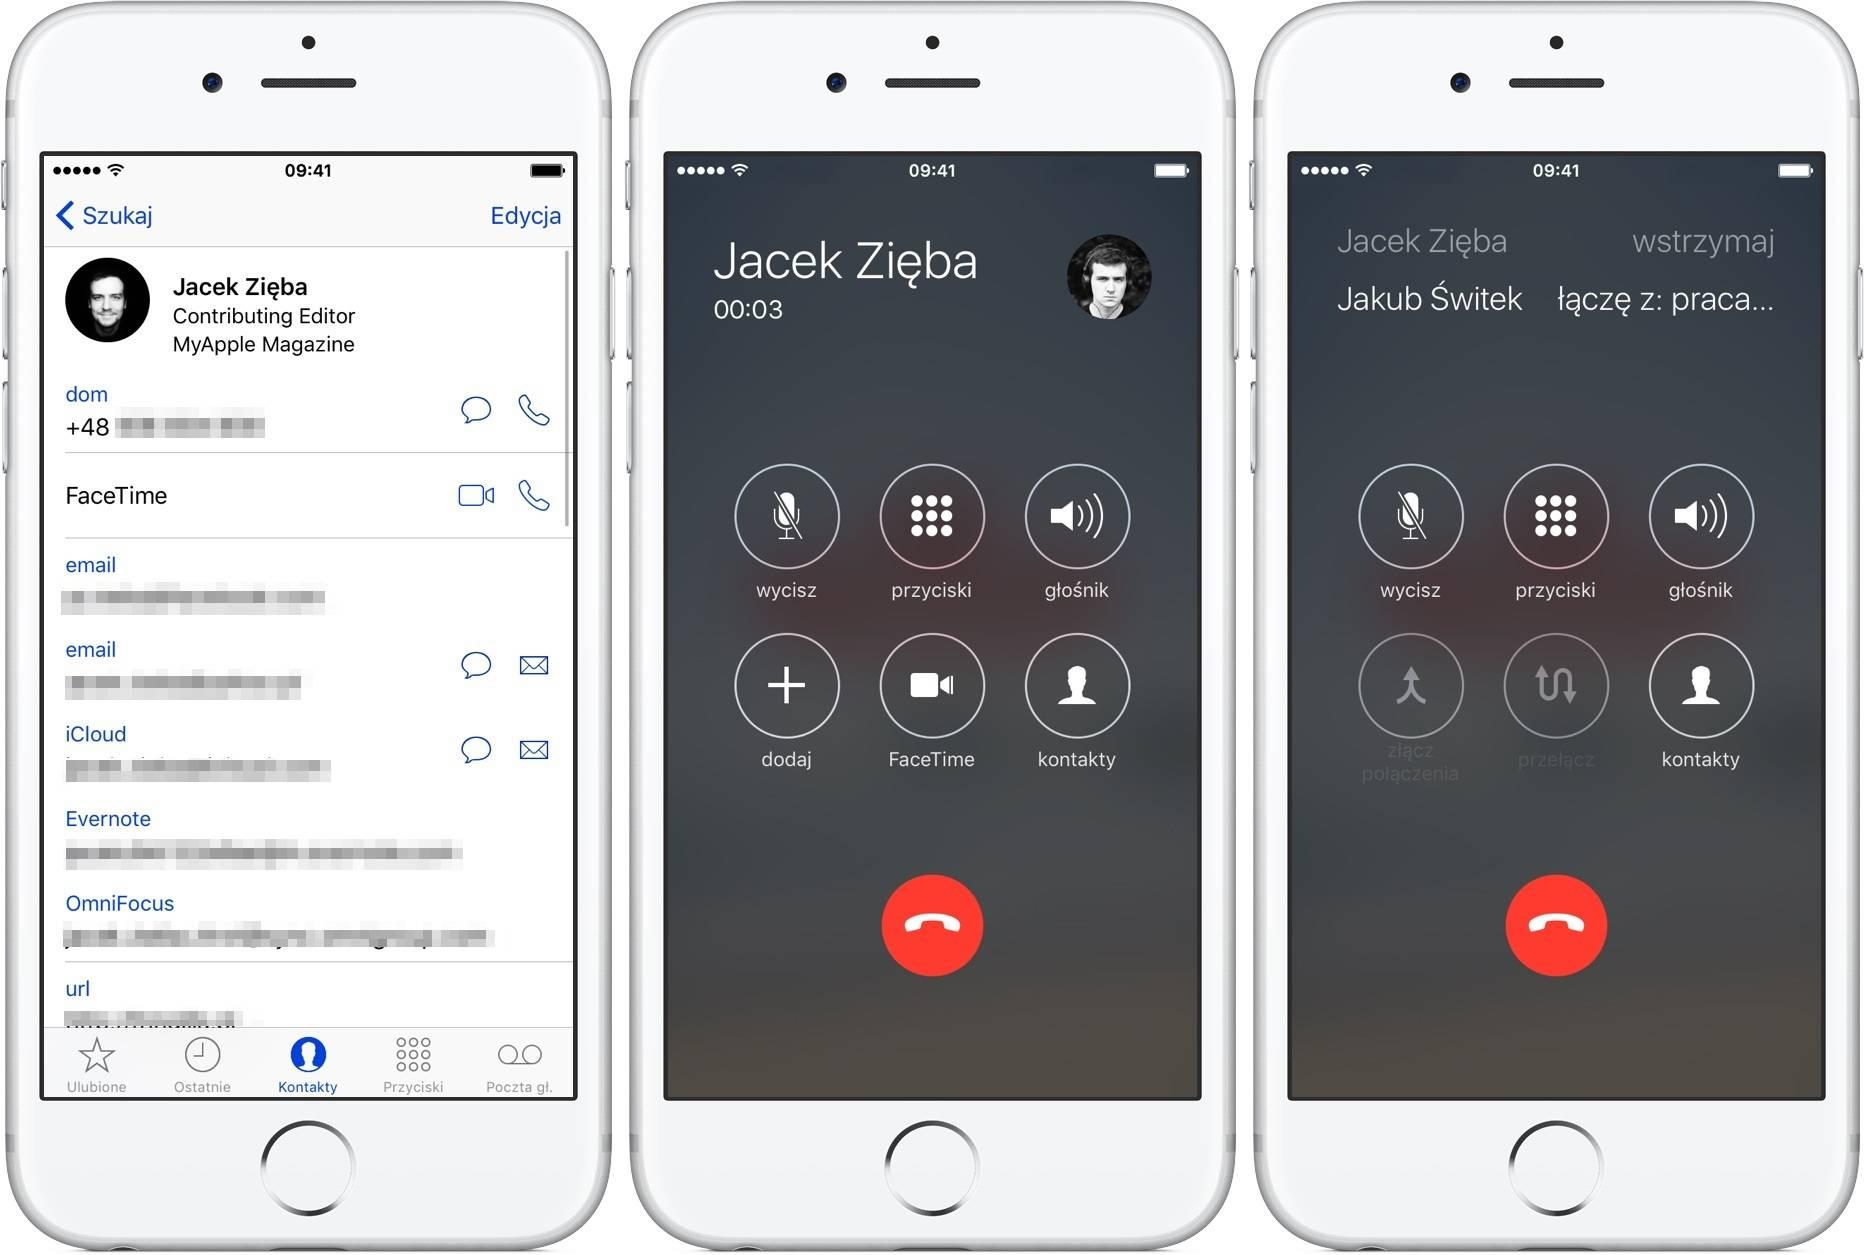 Nagrywanie Połączeń Telefonicznych Na Iphonie Bez Dodatkowych Programów I Jailbreaka Myapple Pl